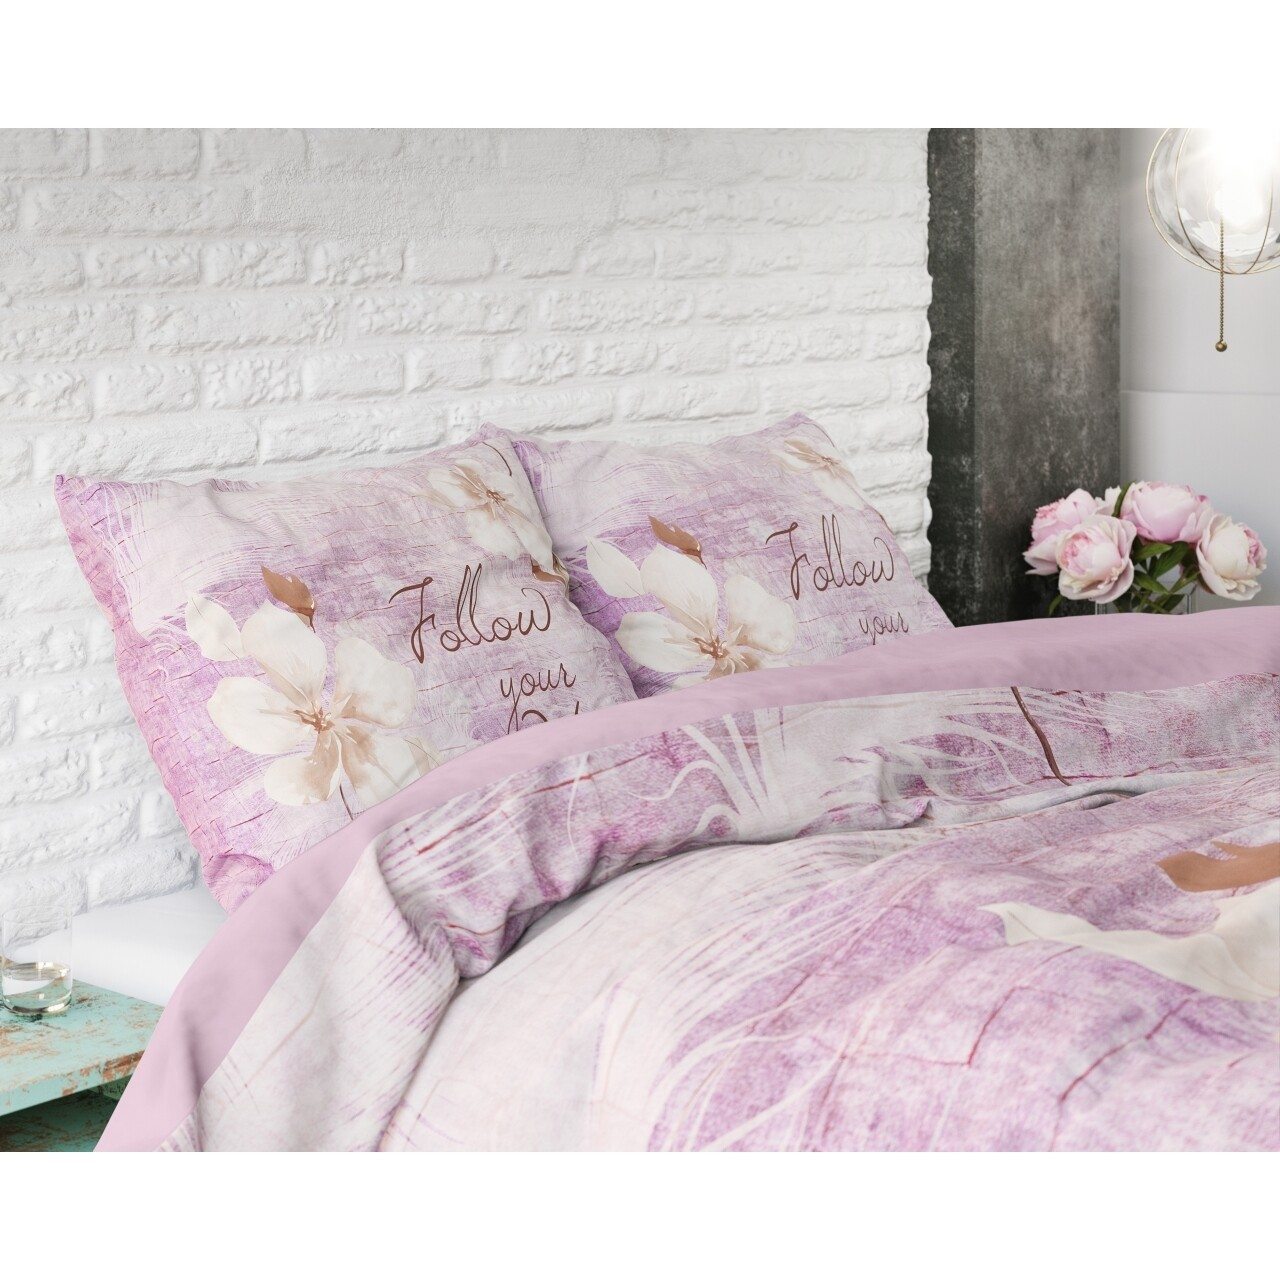 Lenjerie de pat dubla Blossom 2 Purple, Royal Textile,3 piese, 200 x 220 cm, 100% bumbac, multicolora